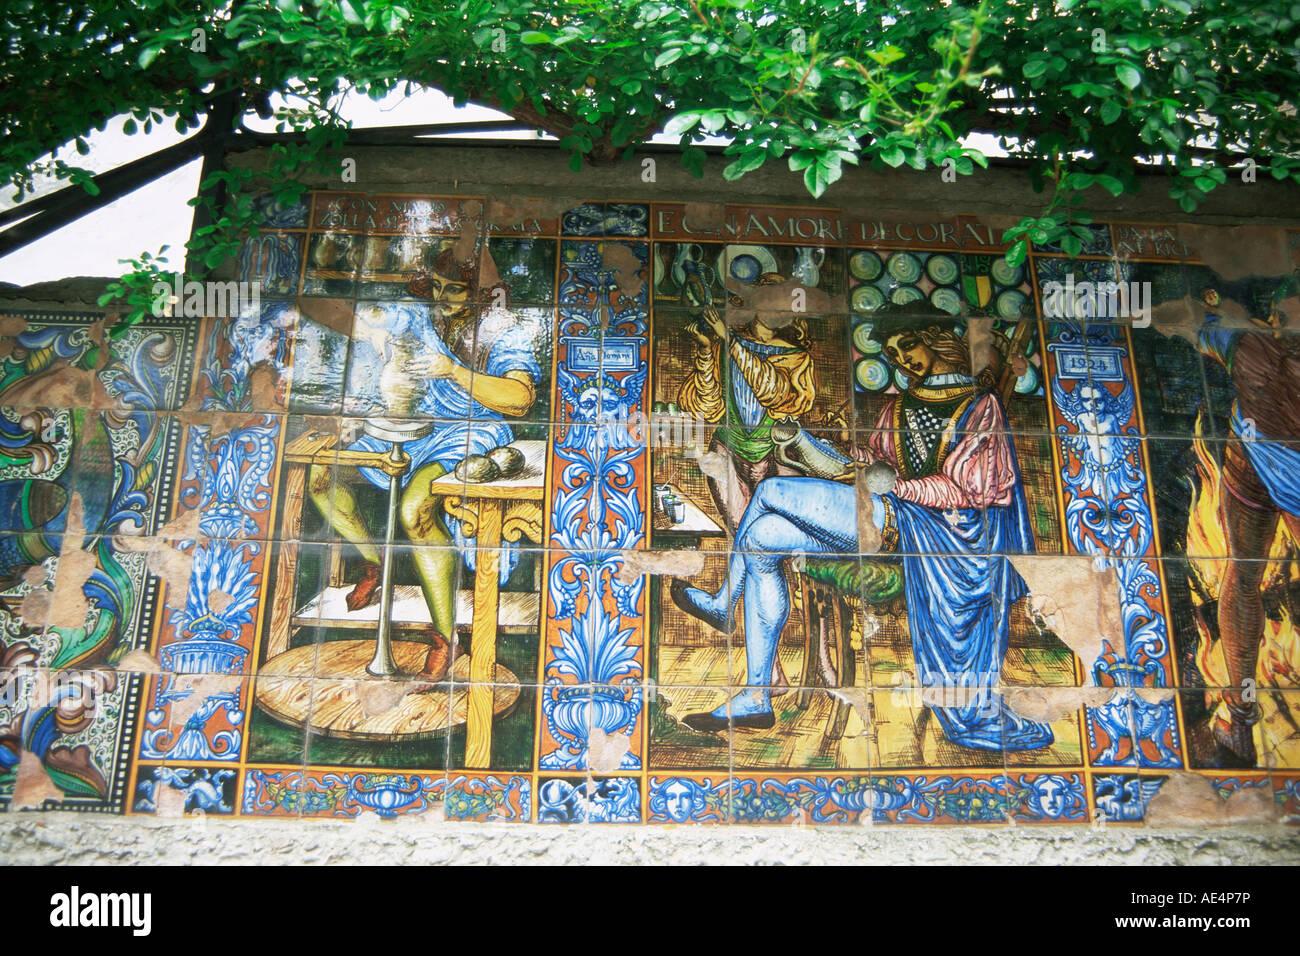 Decorative tiles, Isola Bella, Piedmont, Italy, Europe - Stock Image